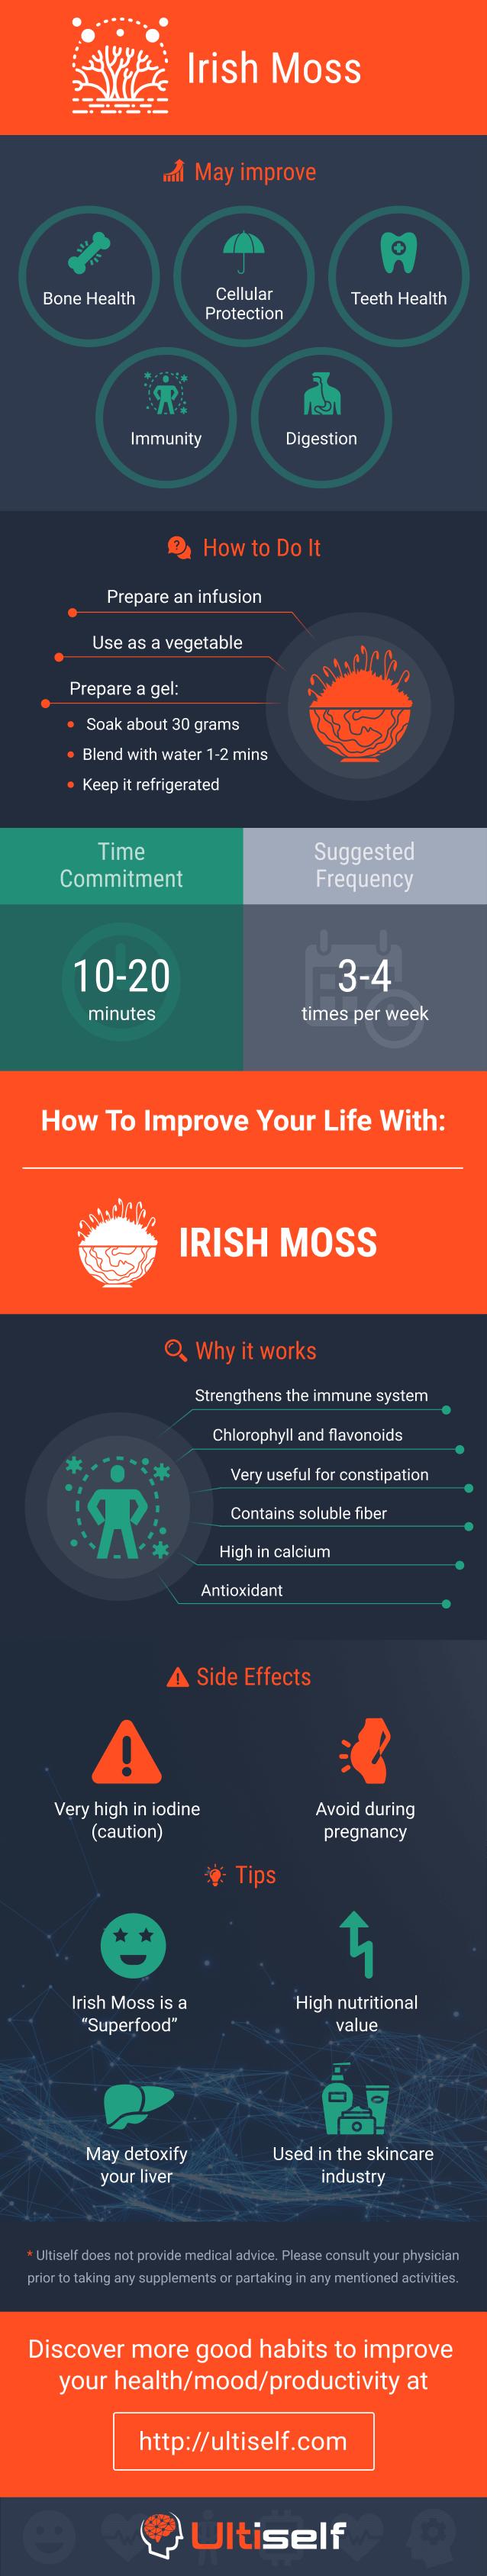 Irish Moss infographic